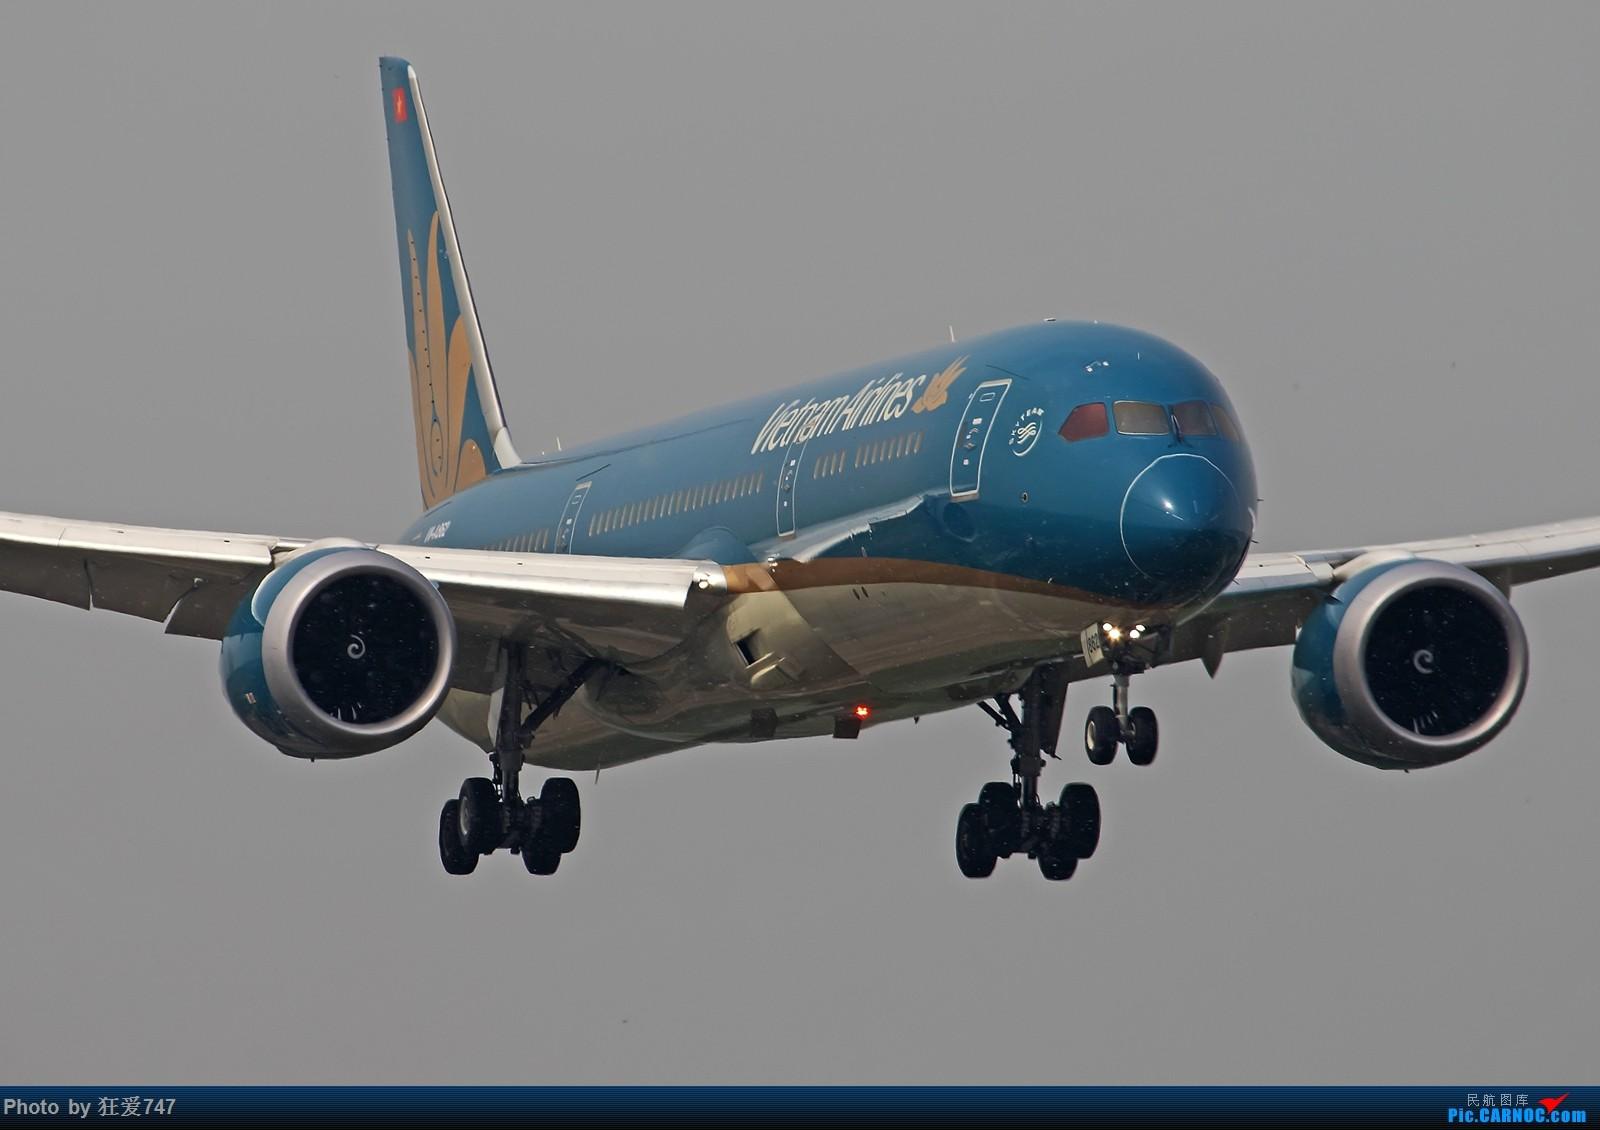 [原创]迎来送往:越南航空波音789首航首都机场 BOEING 787-9 VN-A862 中国北京首都国际机场